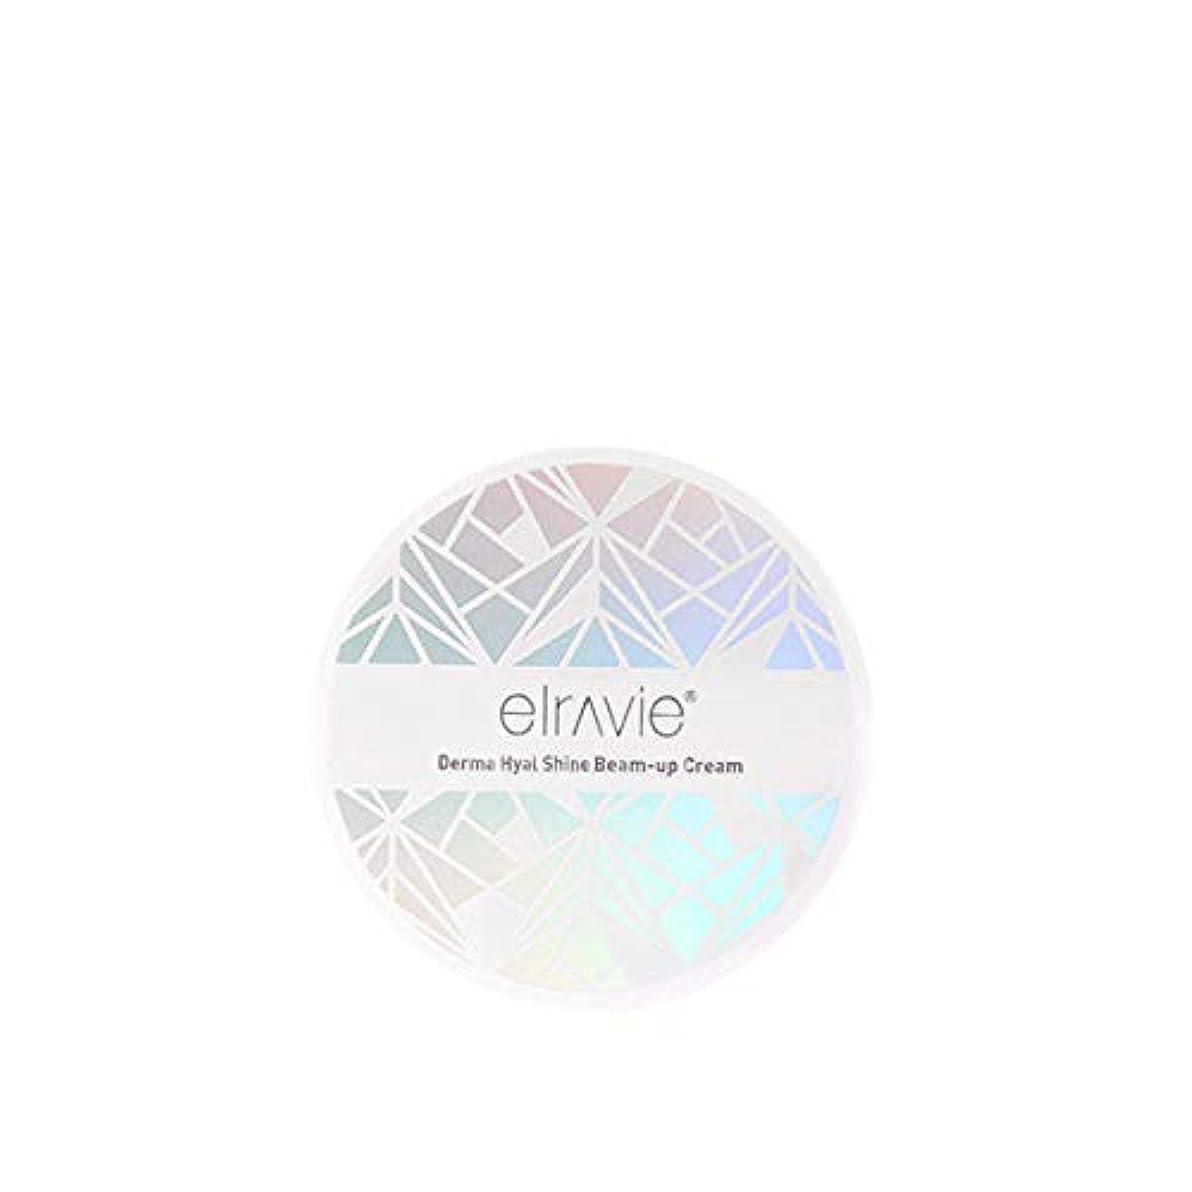 管理者慣習動員するエラヴィー[Elravie] ダーマヒアルロン酸 輝くビームアップクリーム15g / Derma Hyal Shine Beam-up Cream